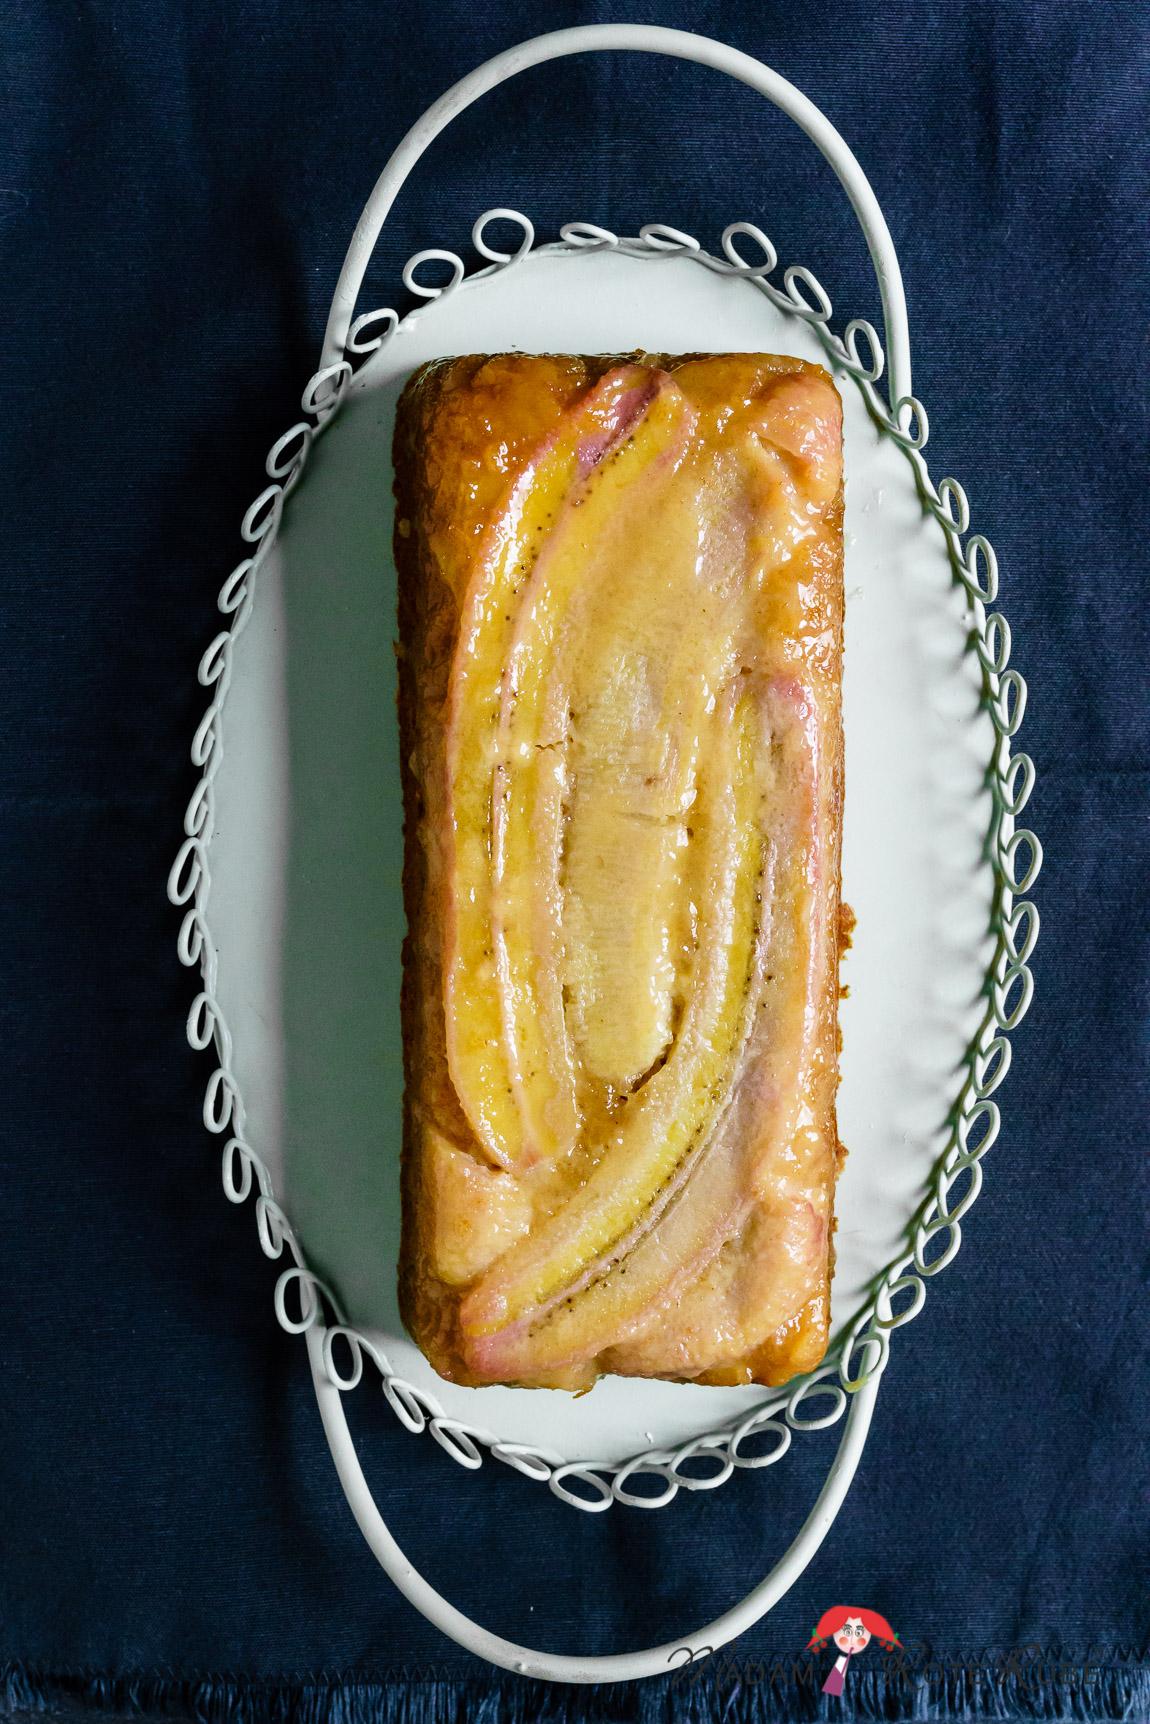 Madam Rote Rübe - Karamellisierter Honig-Bananen-Kuchen mit Dinkelvollkornmehl als Upside-Down